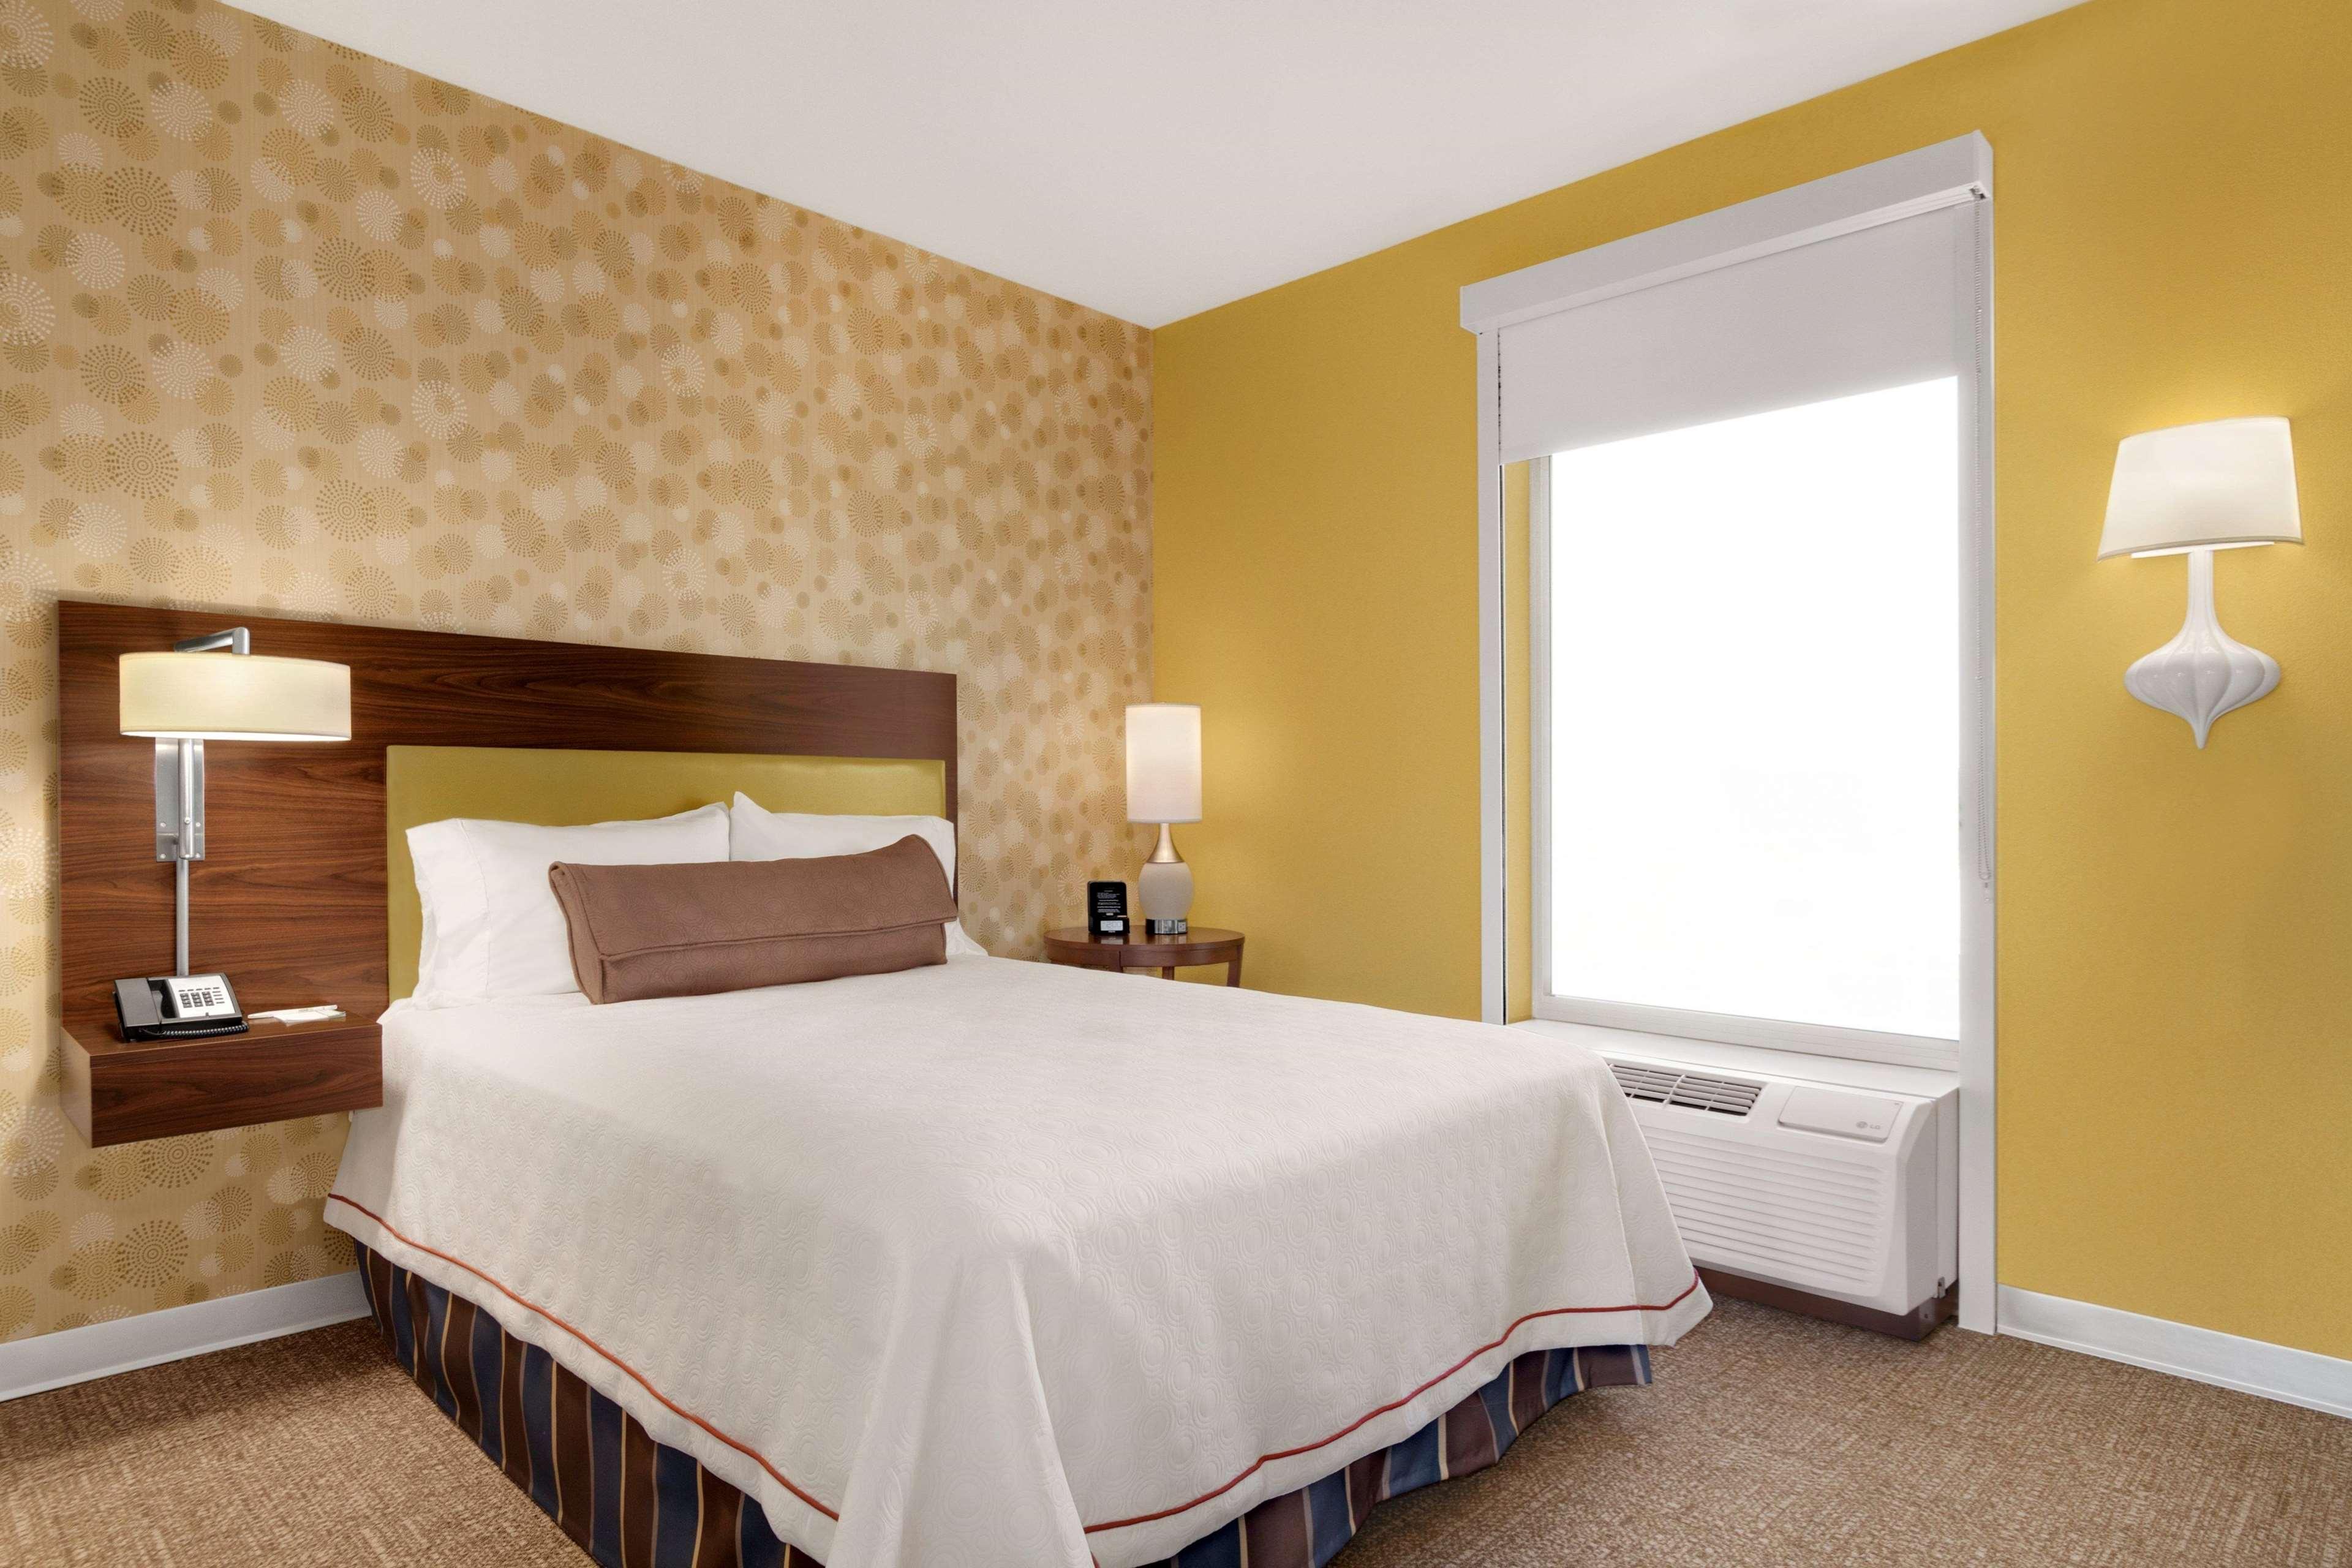 Home2 Suites by Hilton Lexington Park Patuxent River NAS, MD image 18